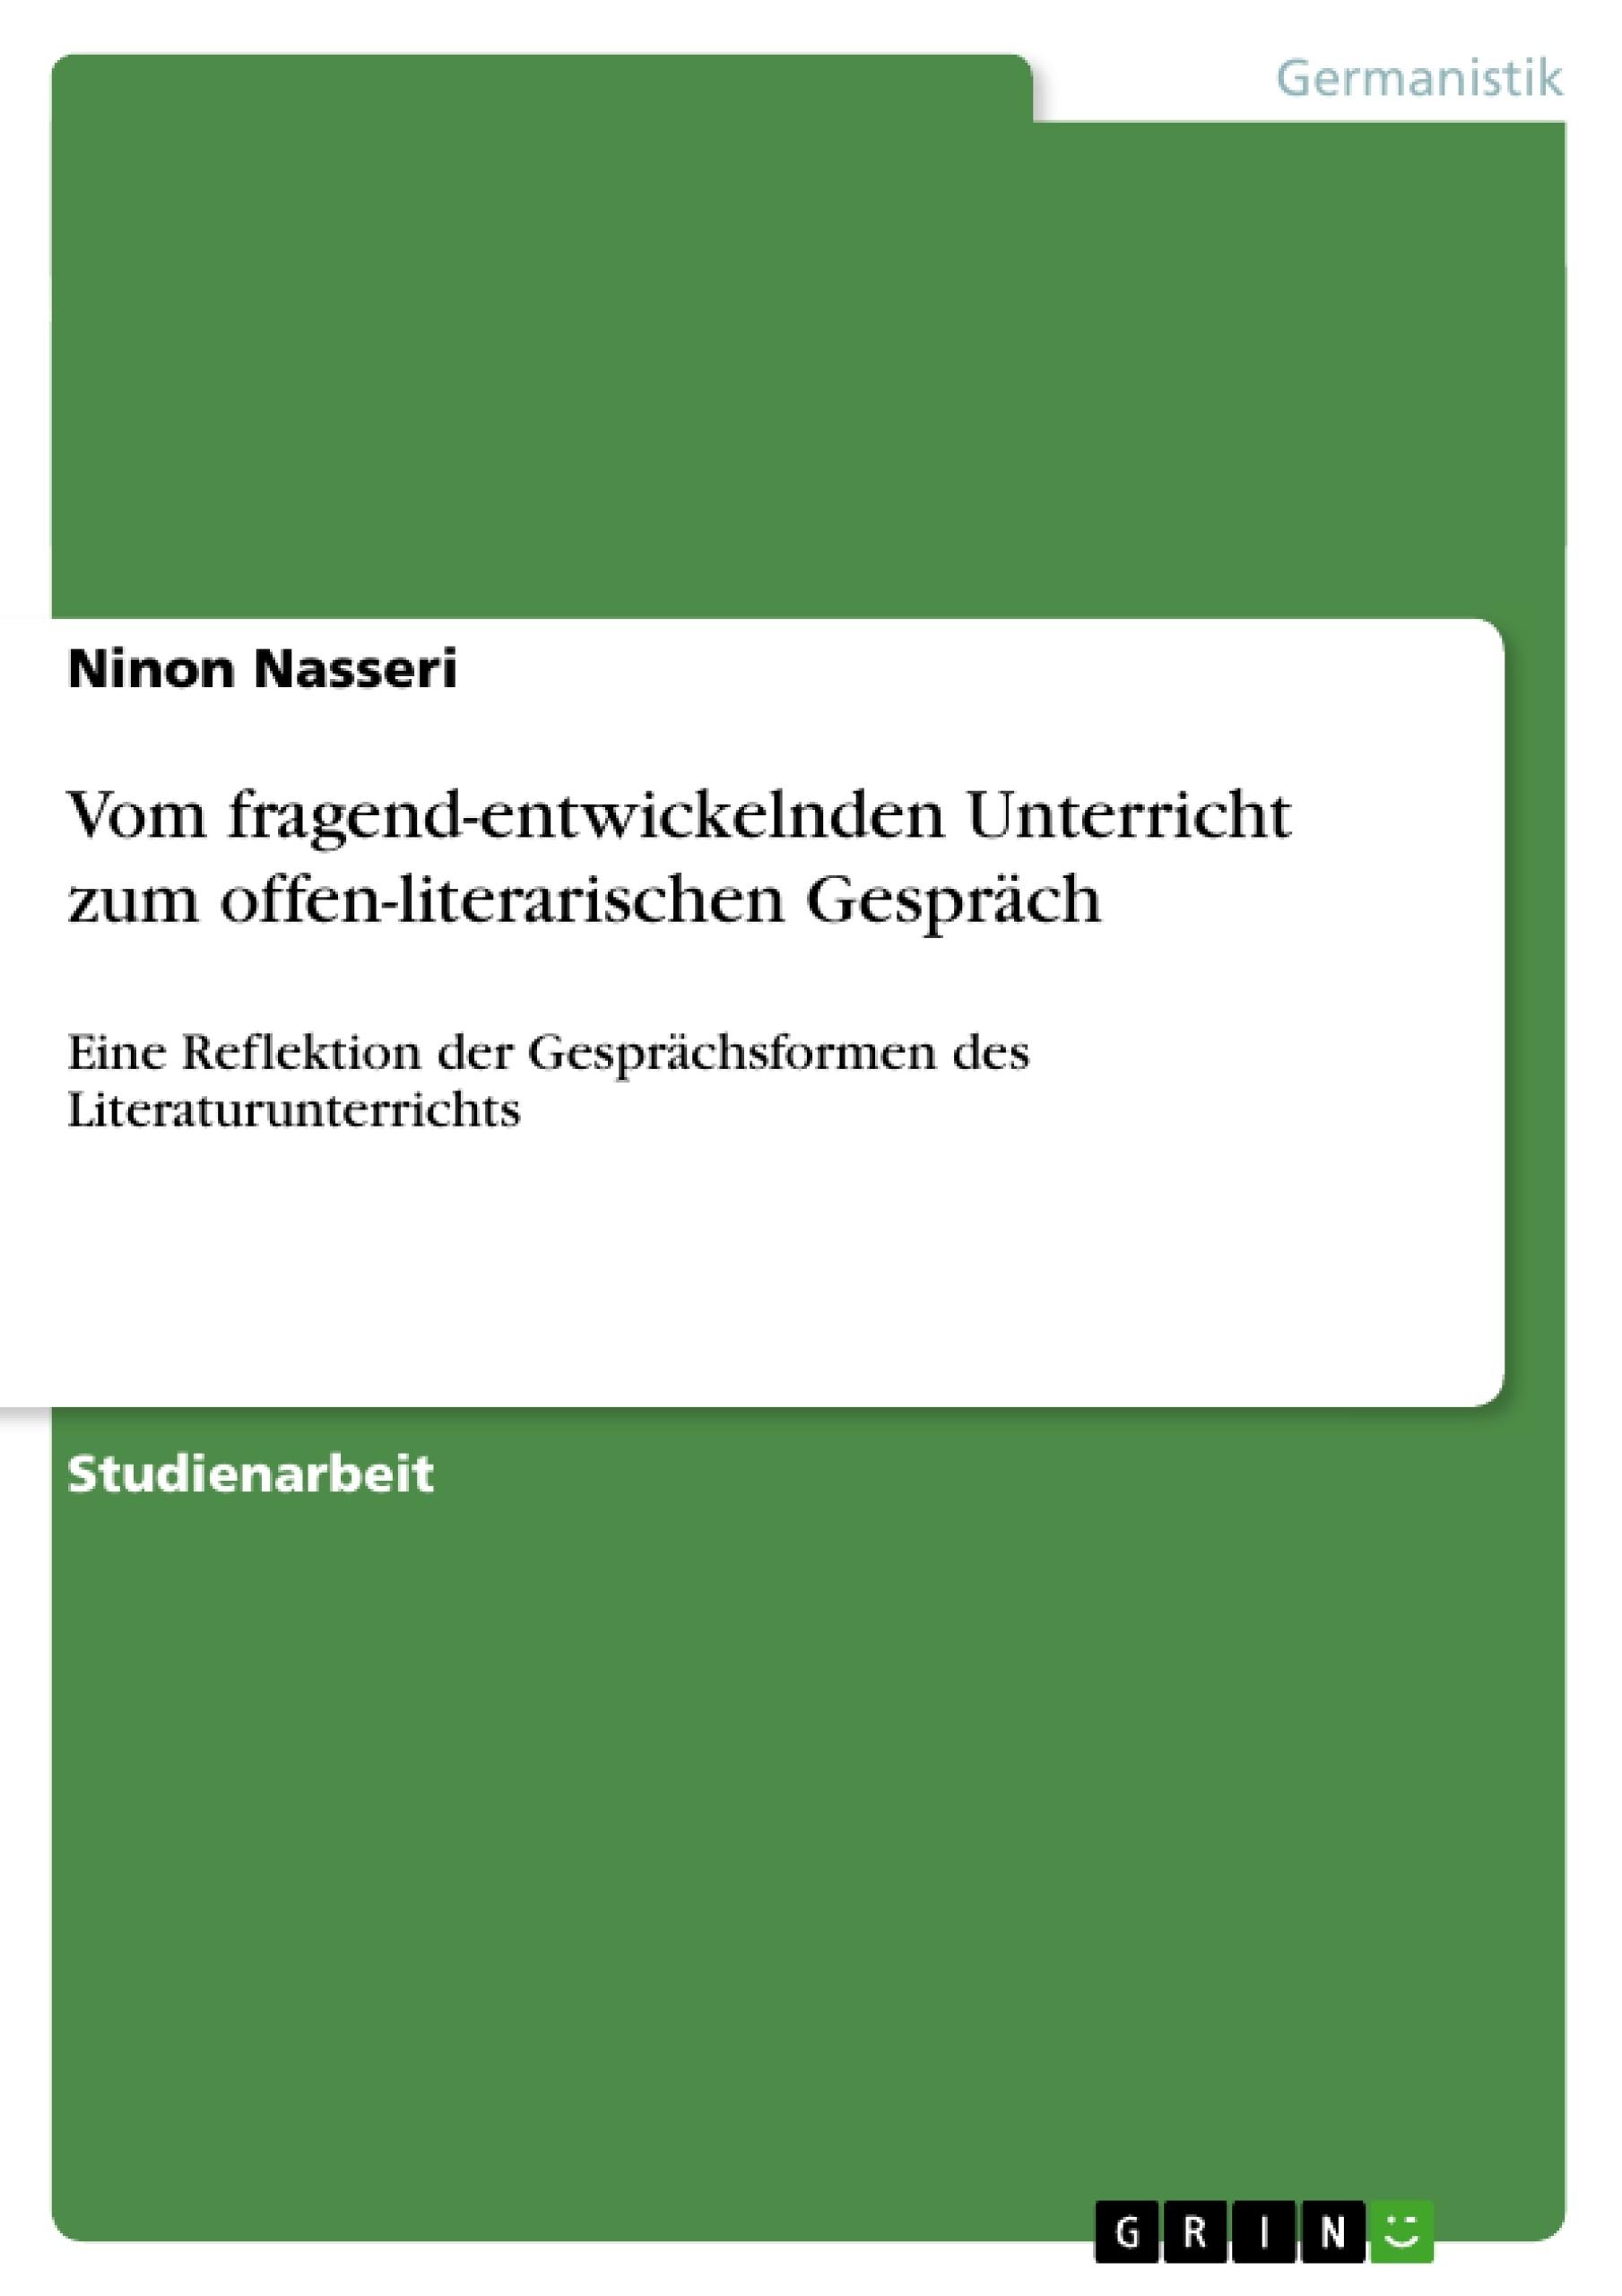 Titel: Vom fragend-entwickelnden Unterricht zum offen-literarischen Gespräch